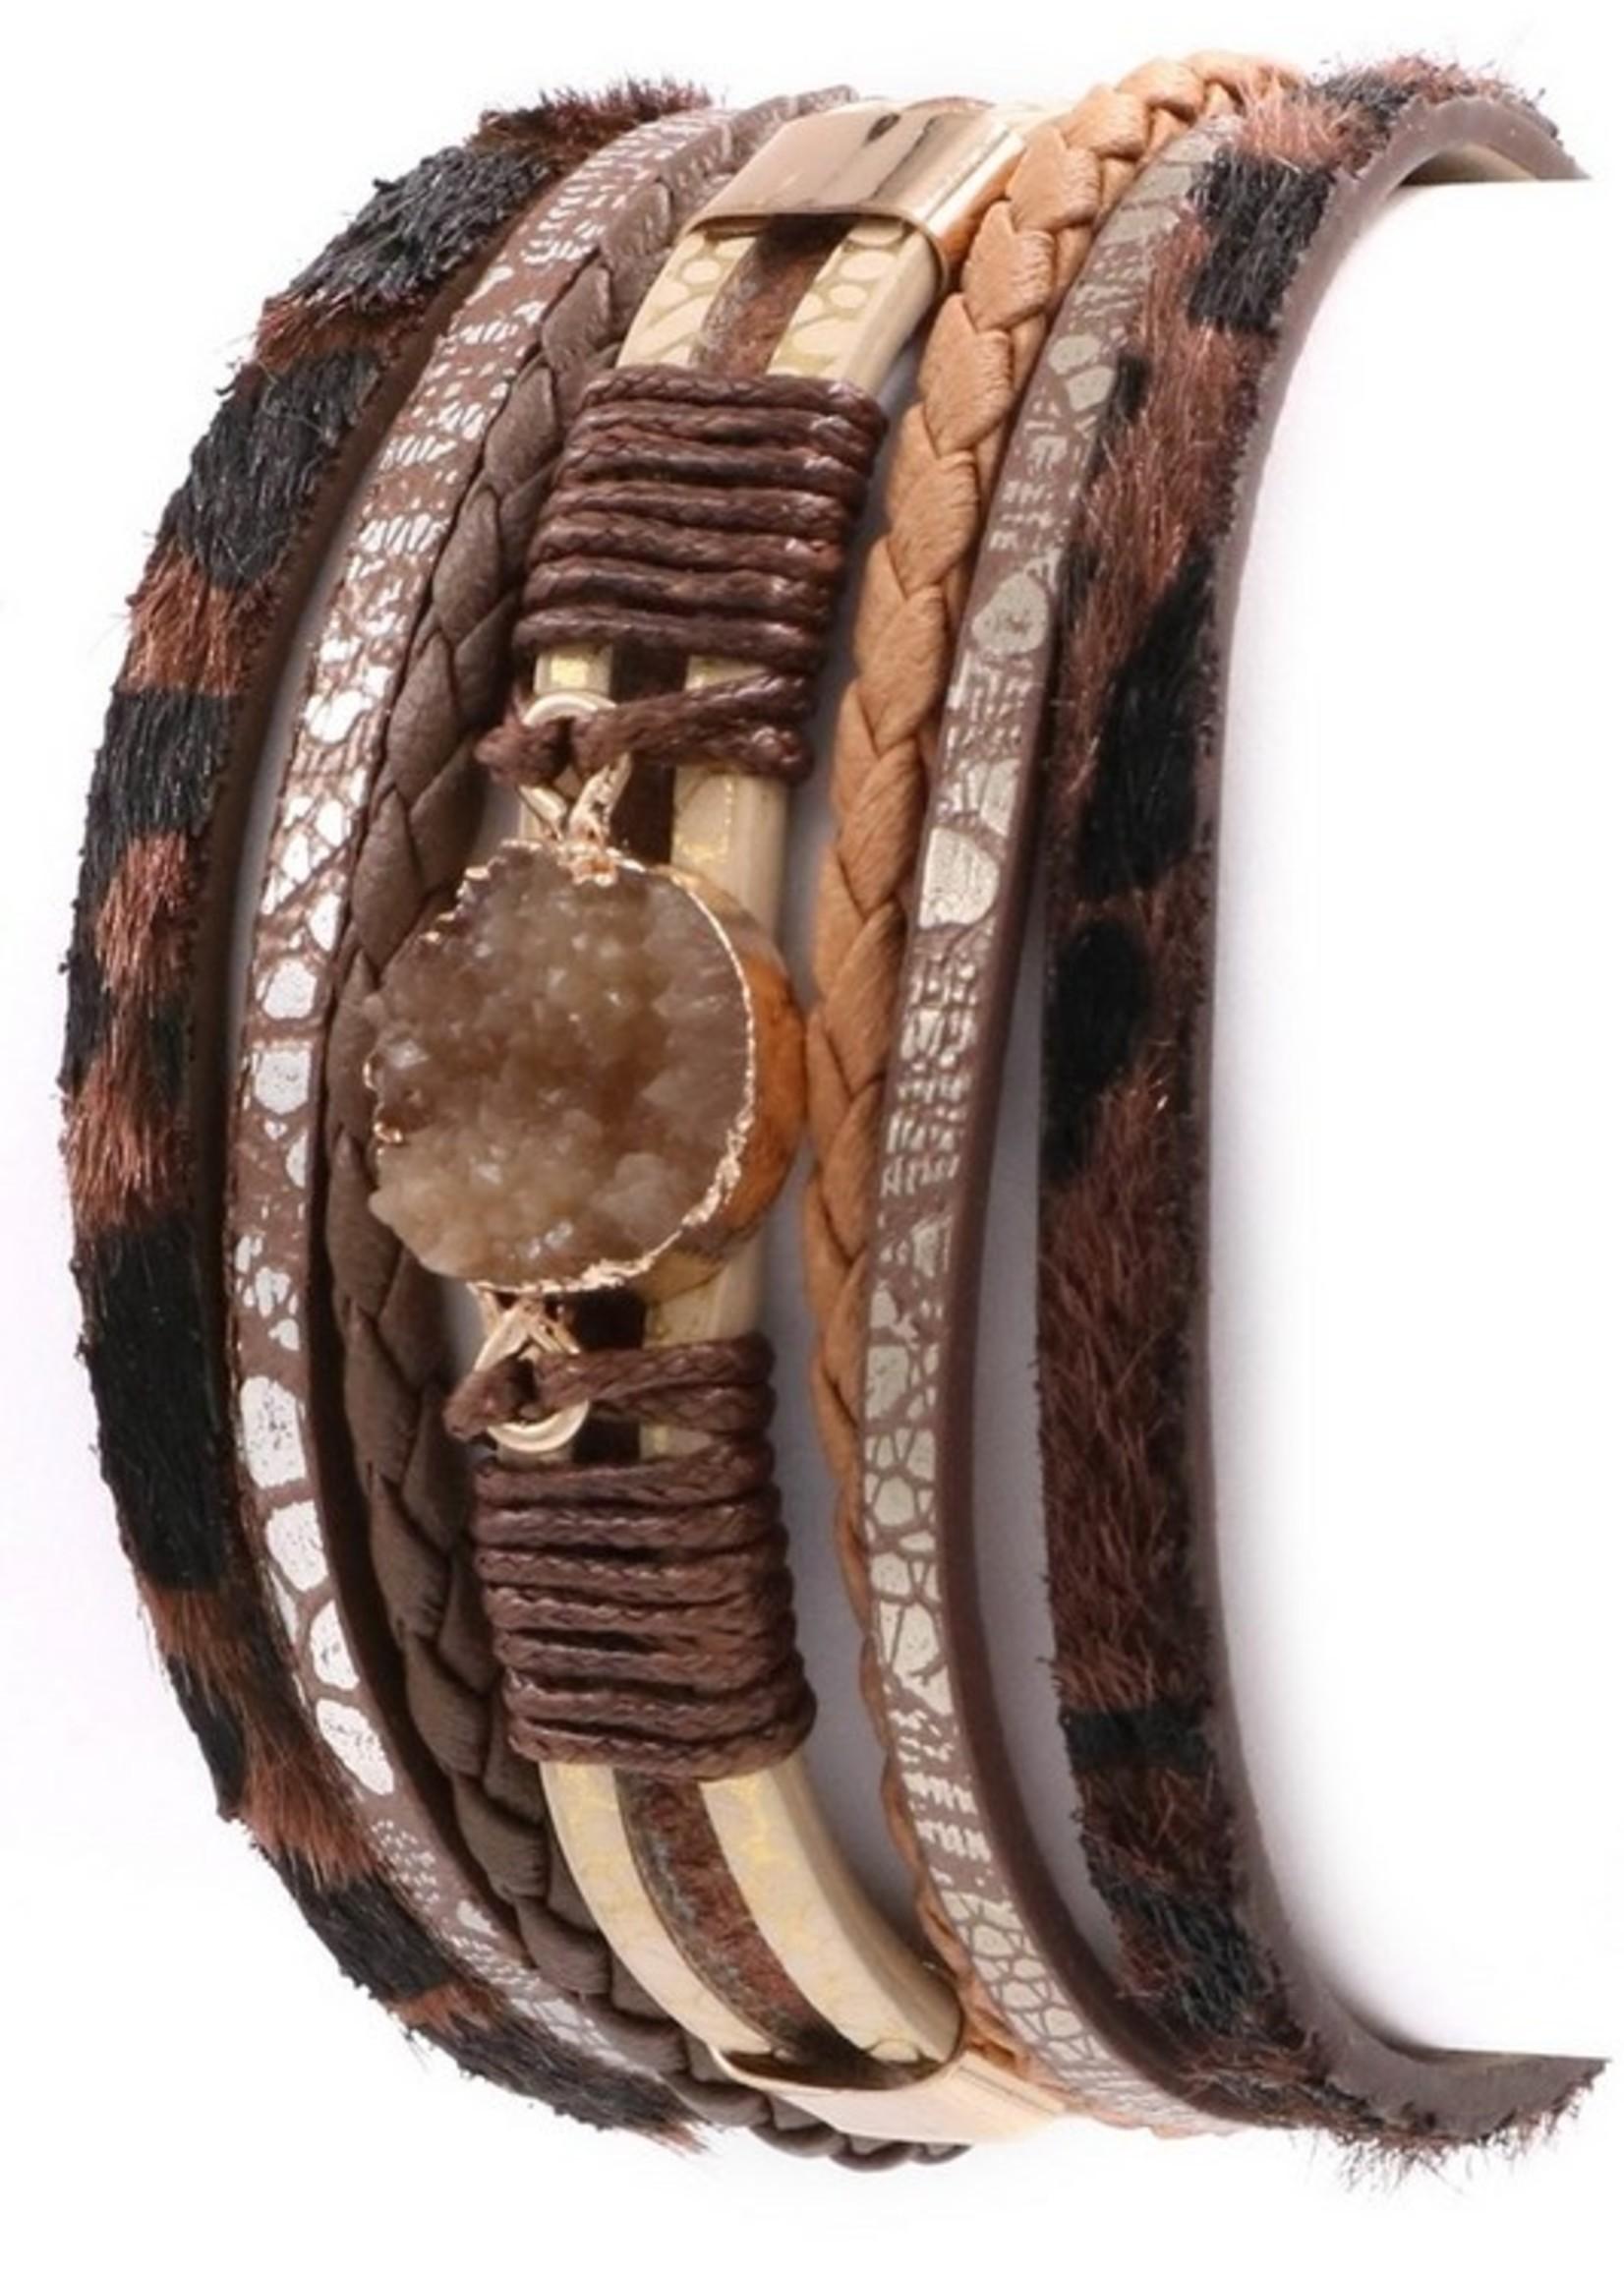 Layered Fur Leather Druzy Stone Bracelet